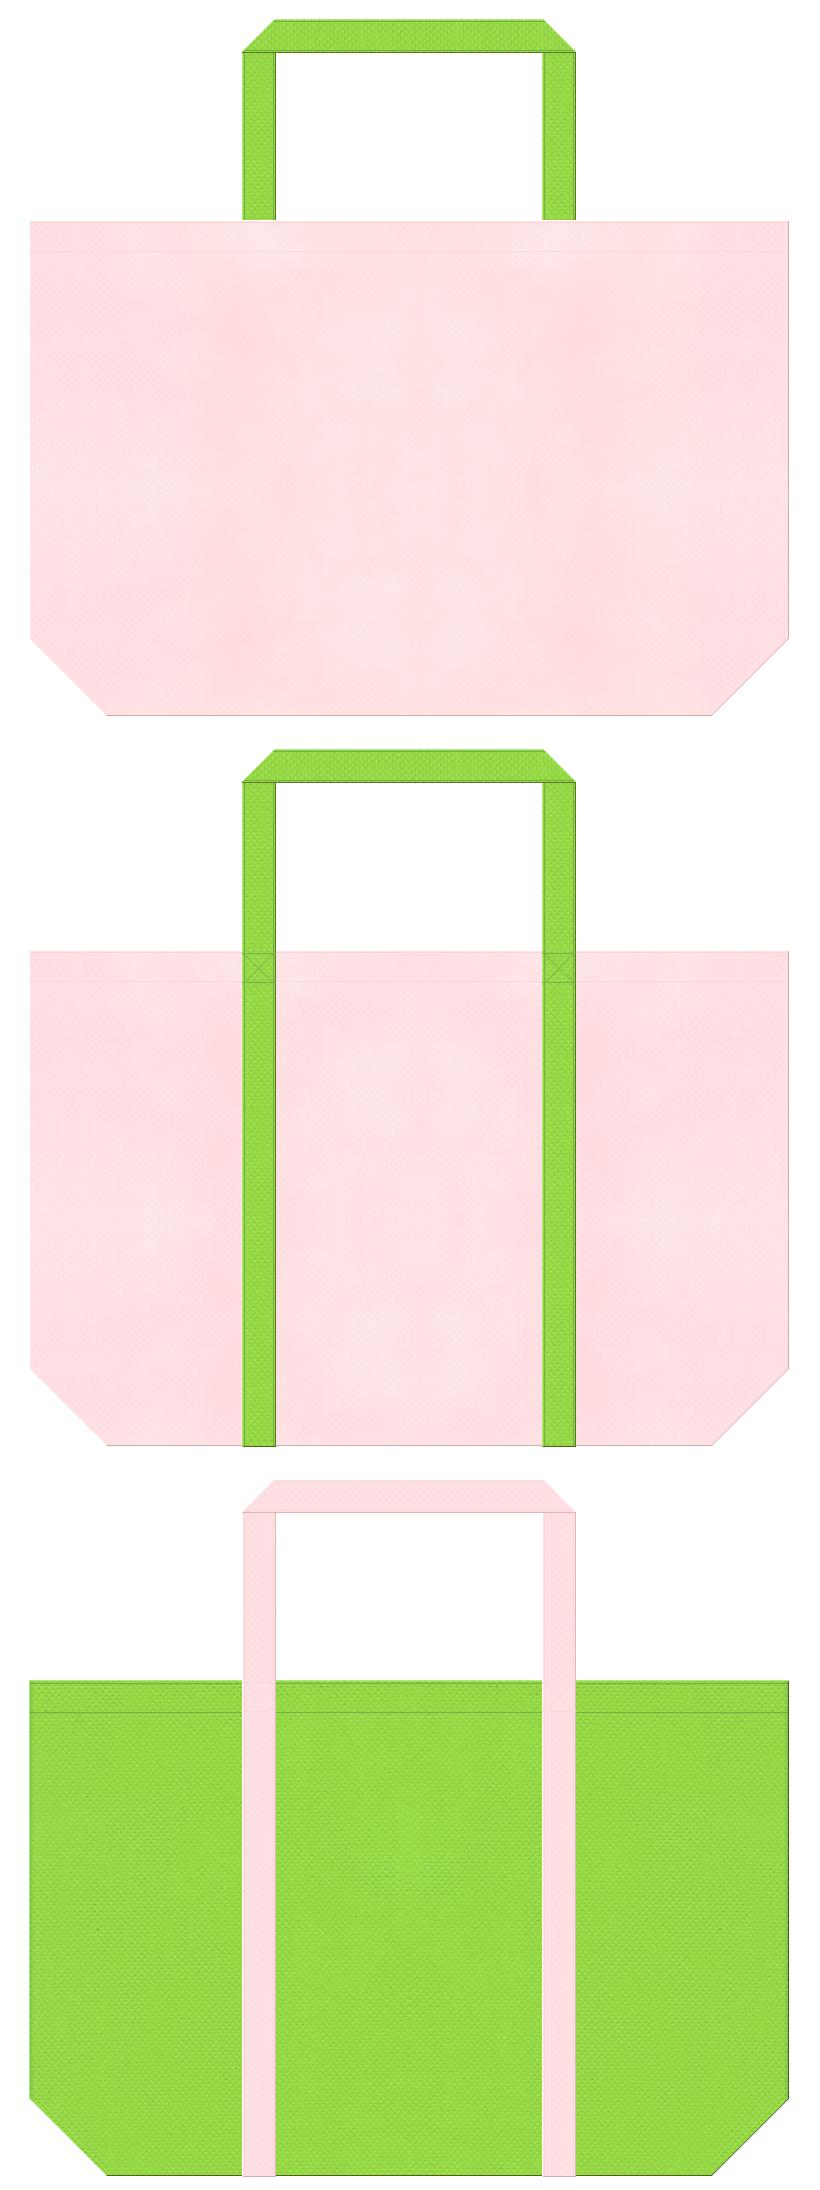 絵本・インコ・お花見・葉桜・アサガオ・あじさい・医療施設・介護施設・春のイベント・テーマパーク・フラワーショップにお奨めの不織布バッグデザイン:桜色と黄緑色のコーデ